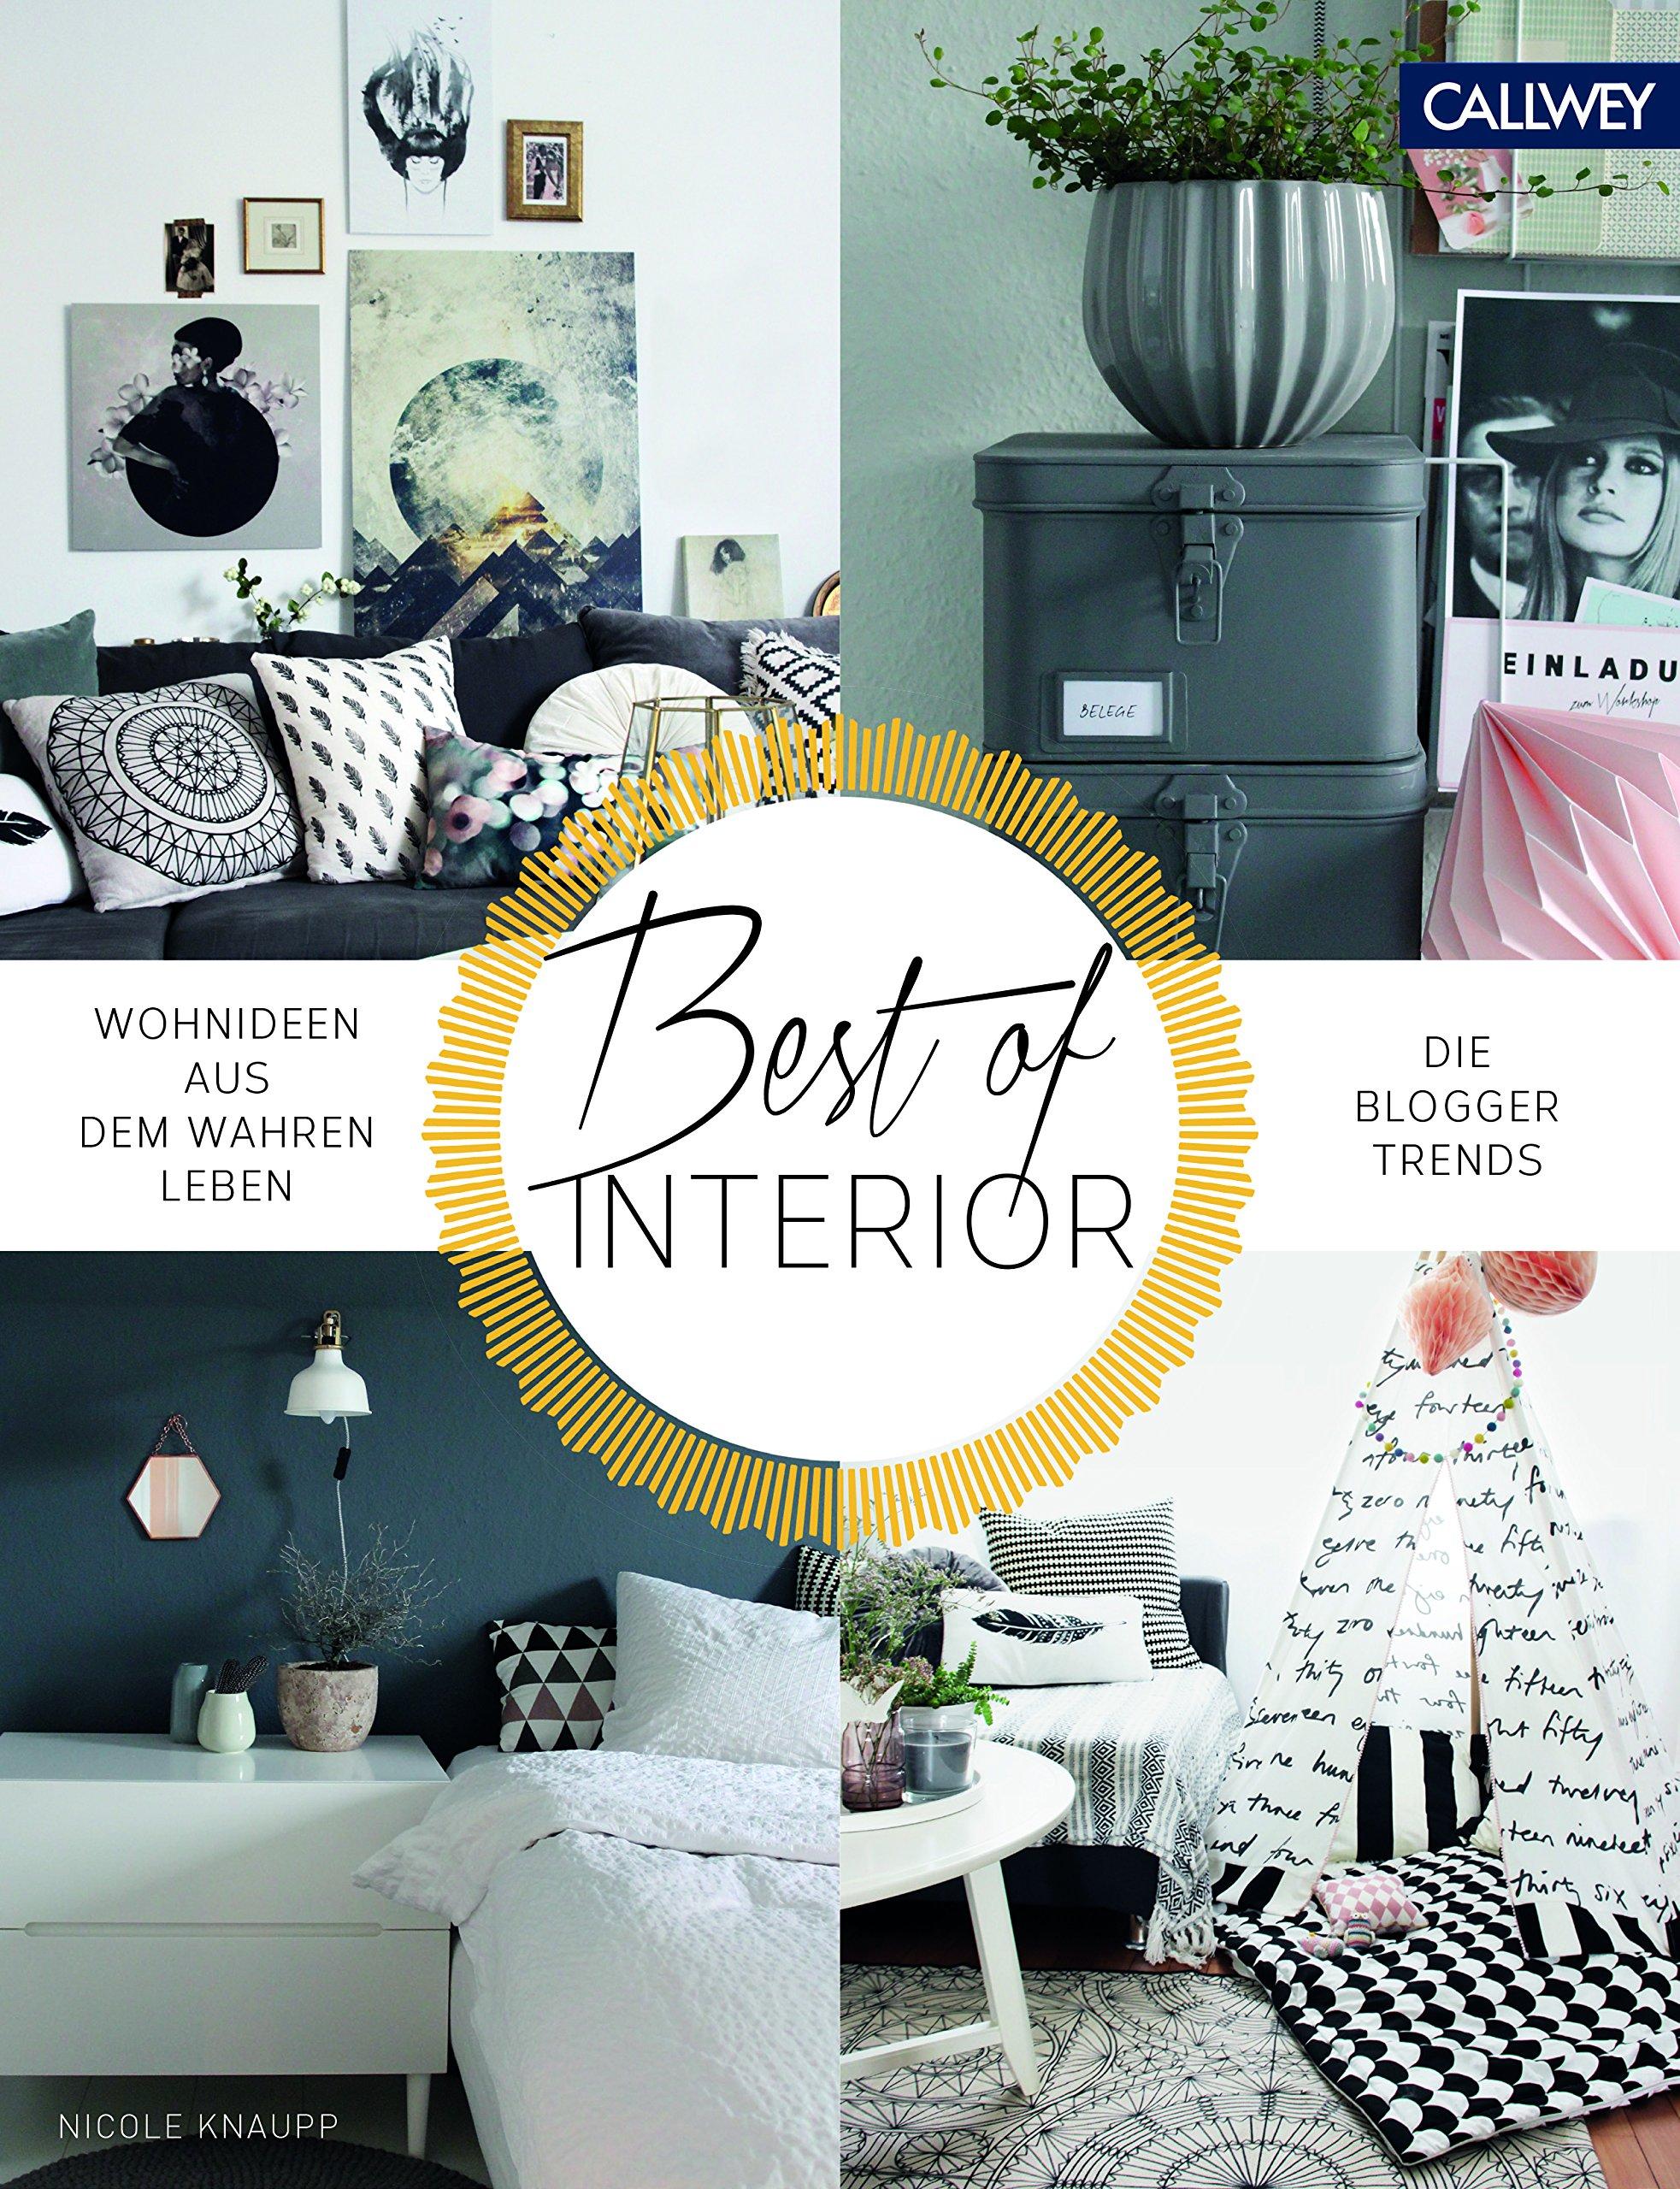 Best of Interior Wohnideen aus dem wahren Leben. Die Blogger ...